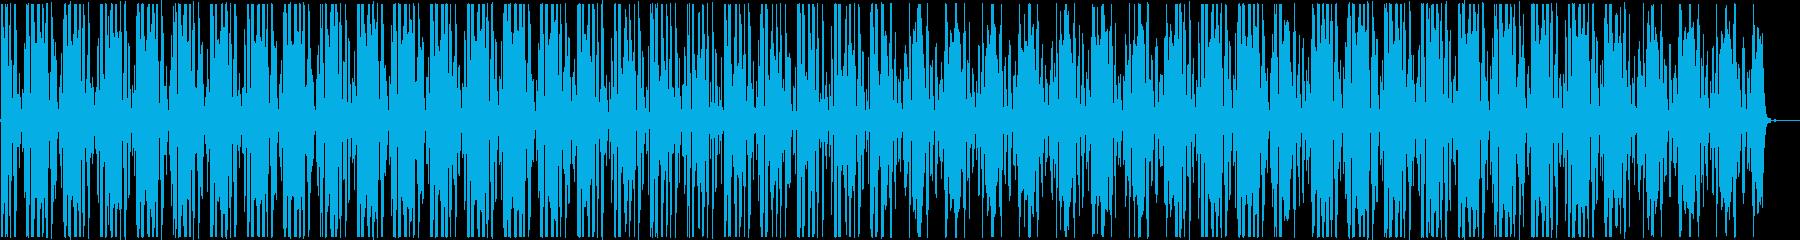 ダーティ・スラム・悪い ローファイジャズの再生済みの波形